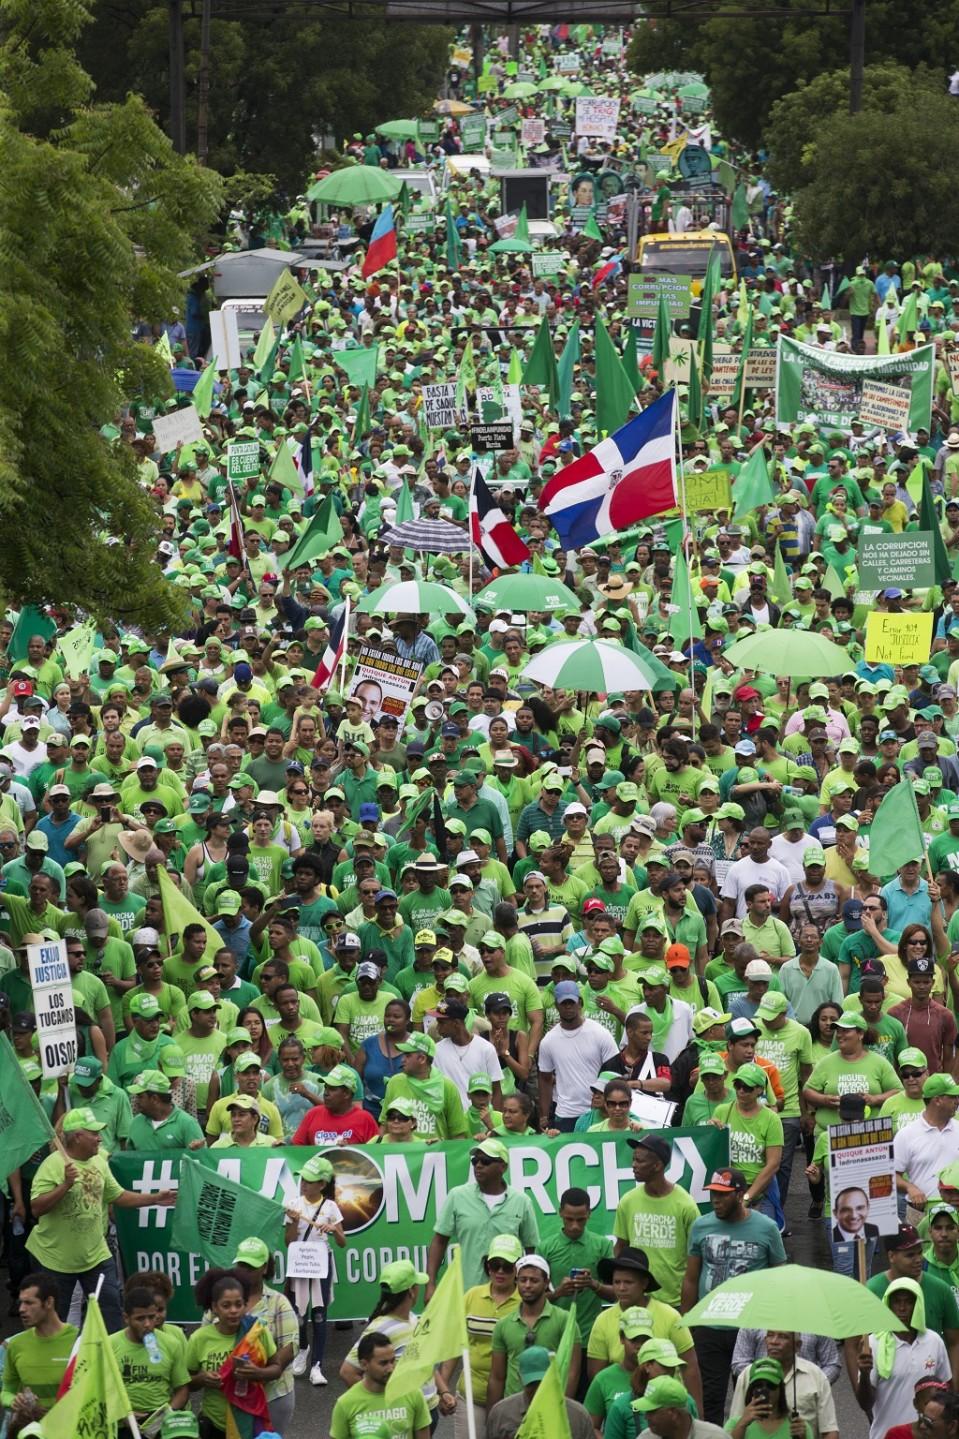 Tuhansia ihmisiä osallistui marssiin maan pääkaupungissa Santo Domingossa.